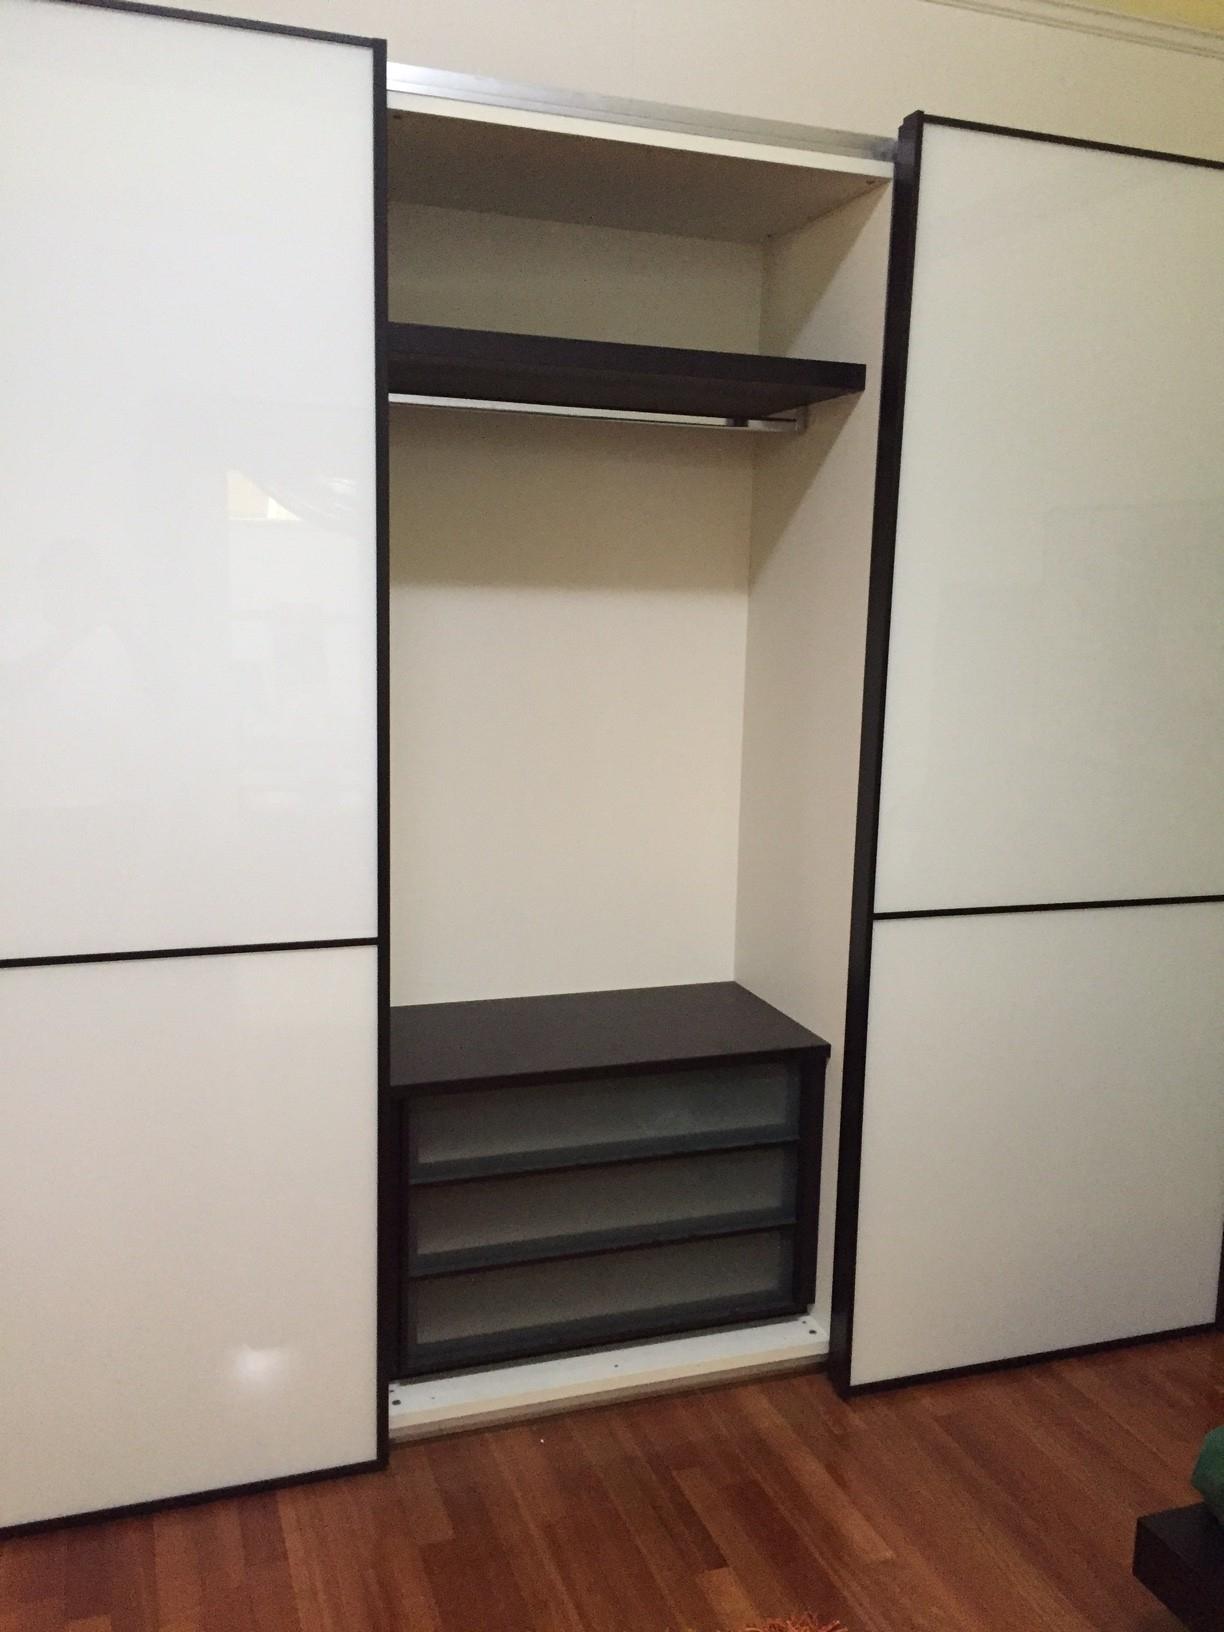 Pianca camera da letto completa armadio scorrevole for Armadi camere da letto prezzi